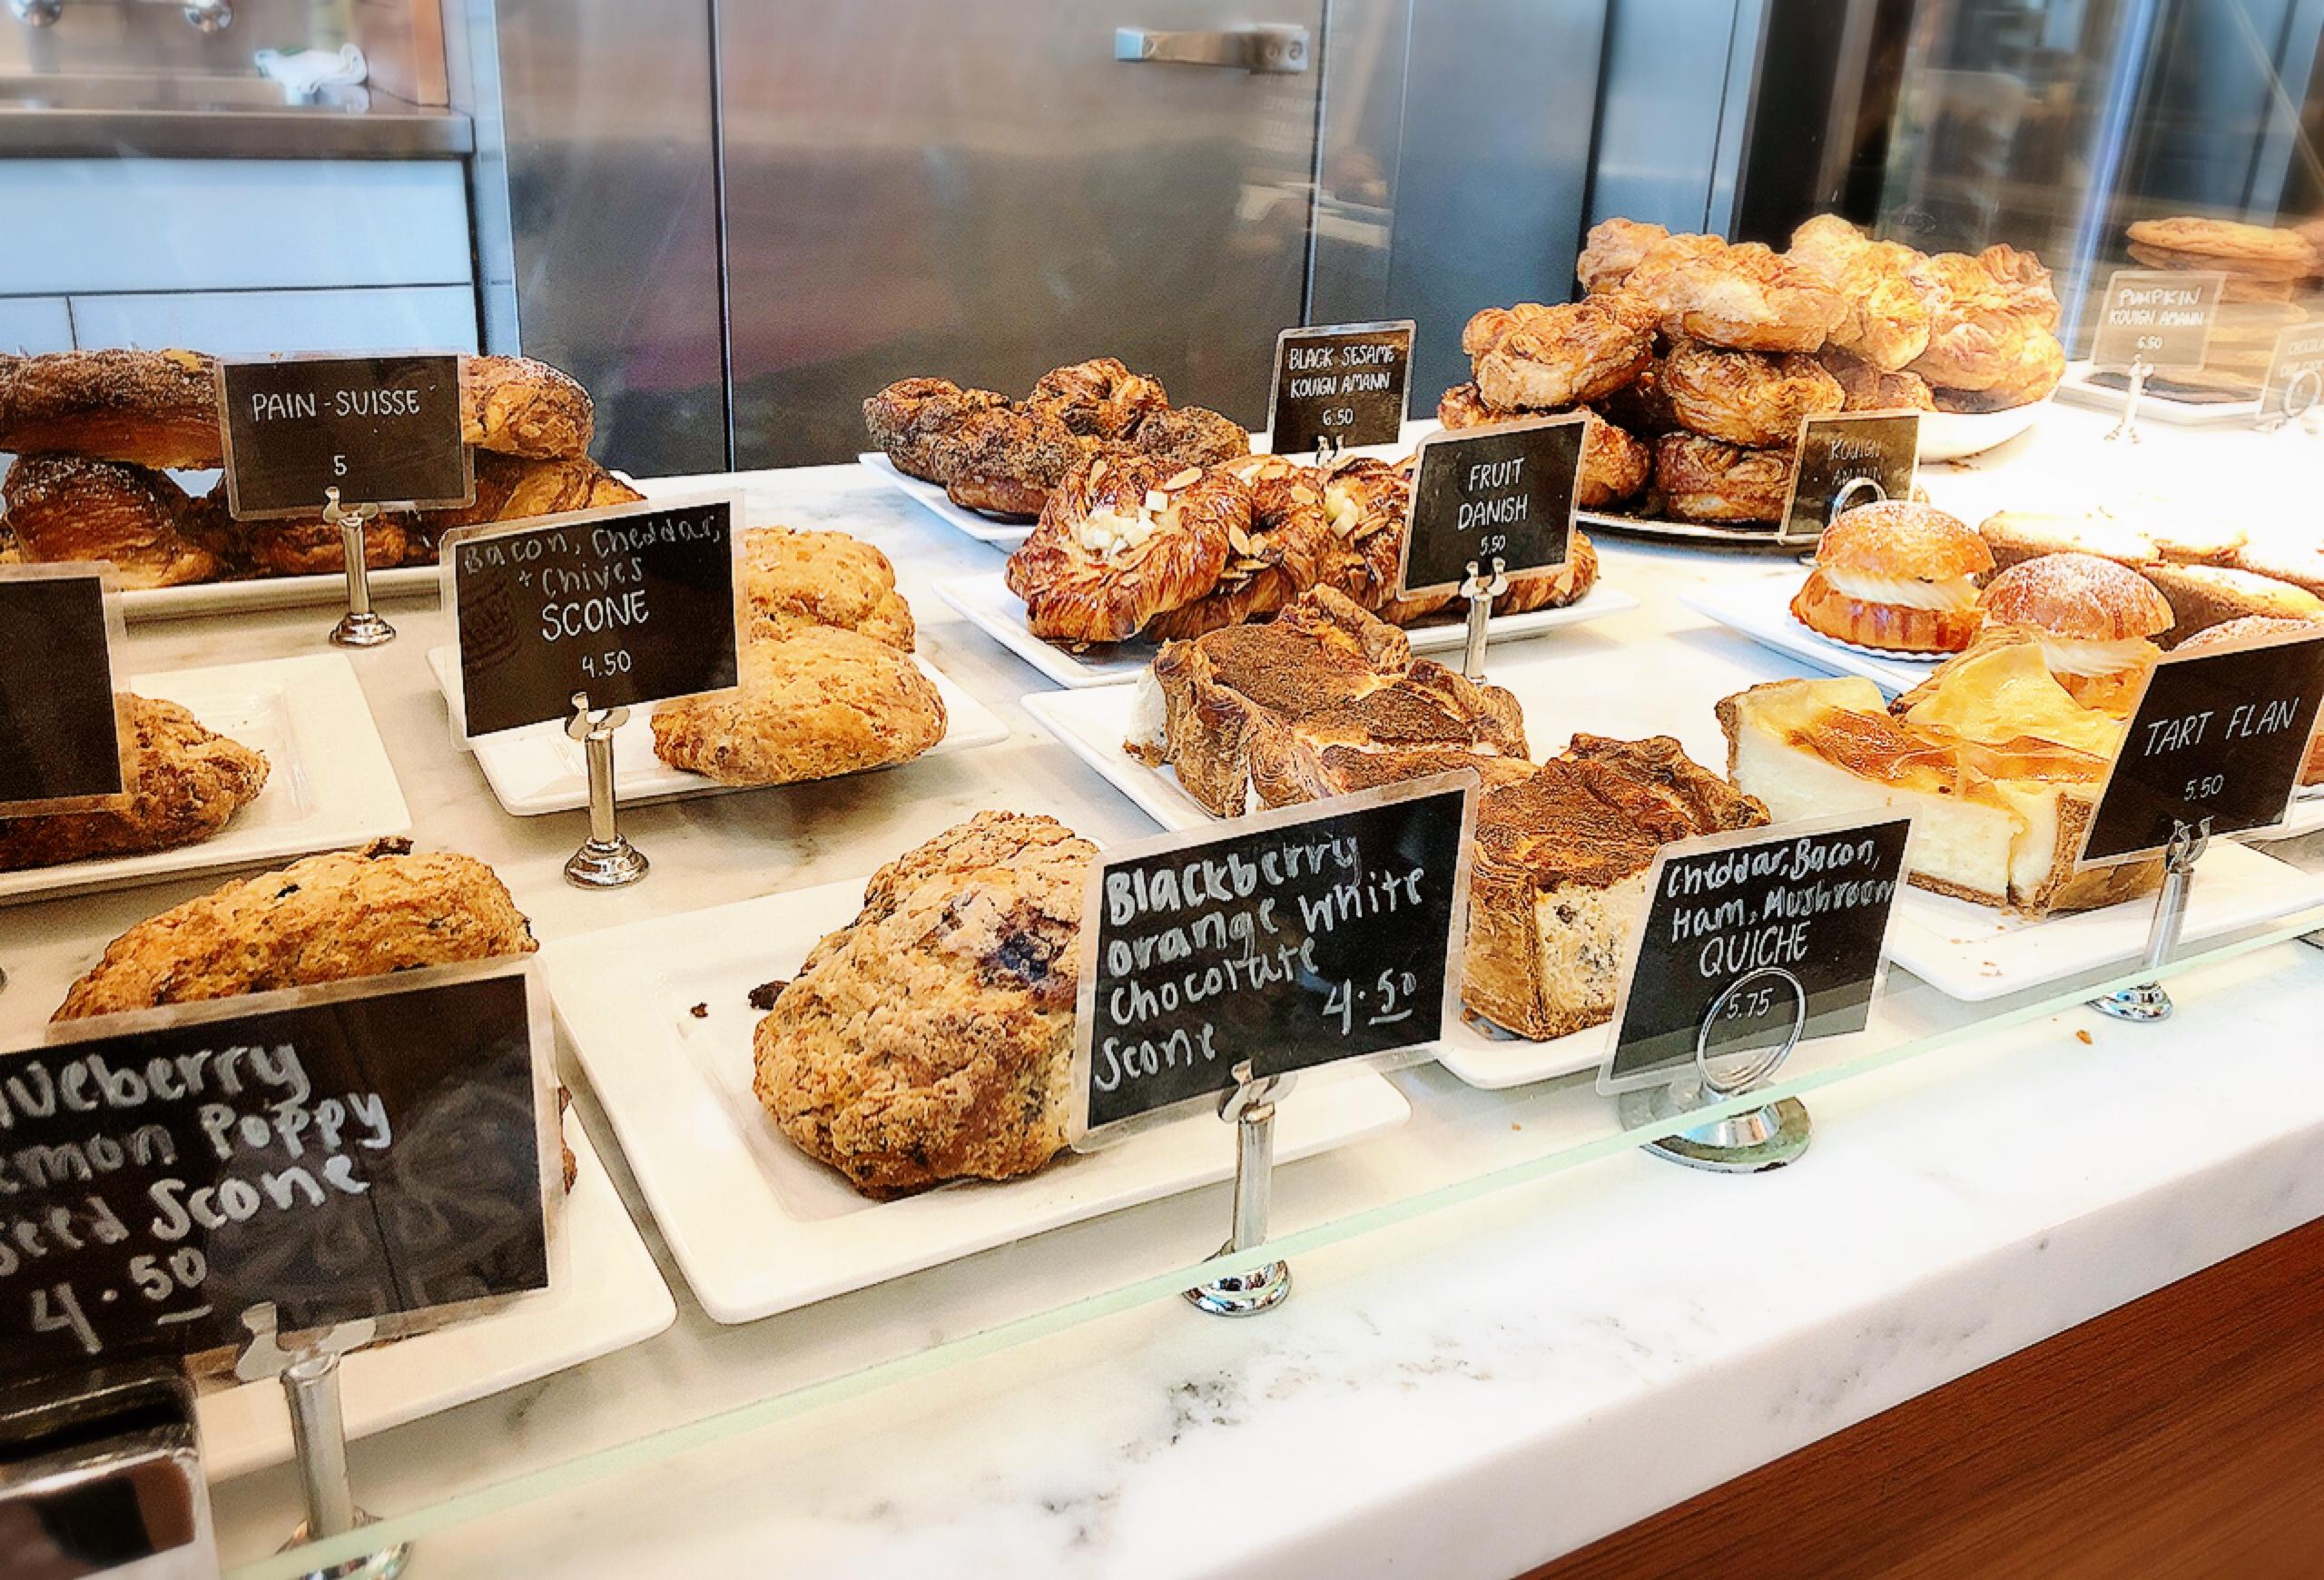 【#Hawaii CAFE】美味しいパンとコーヒーを頂くならここ( ´ ▽ ` )!アクセス抜群のおしゃれカフェ_6